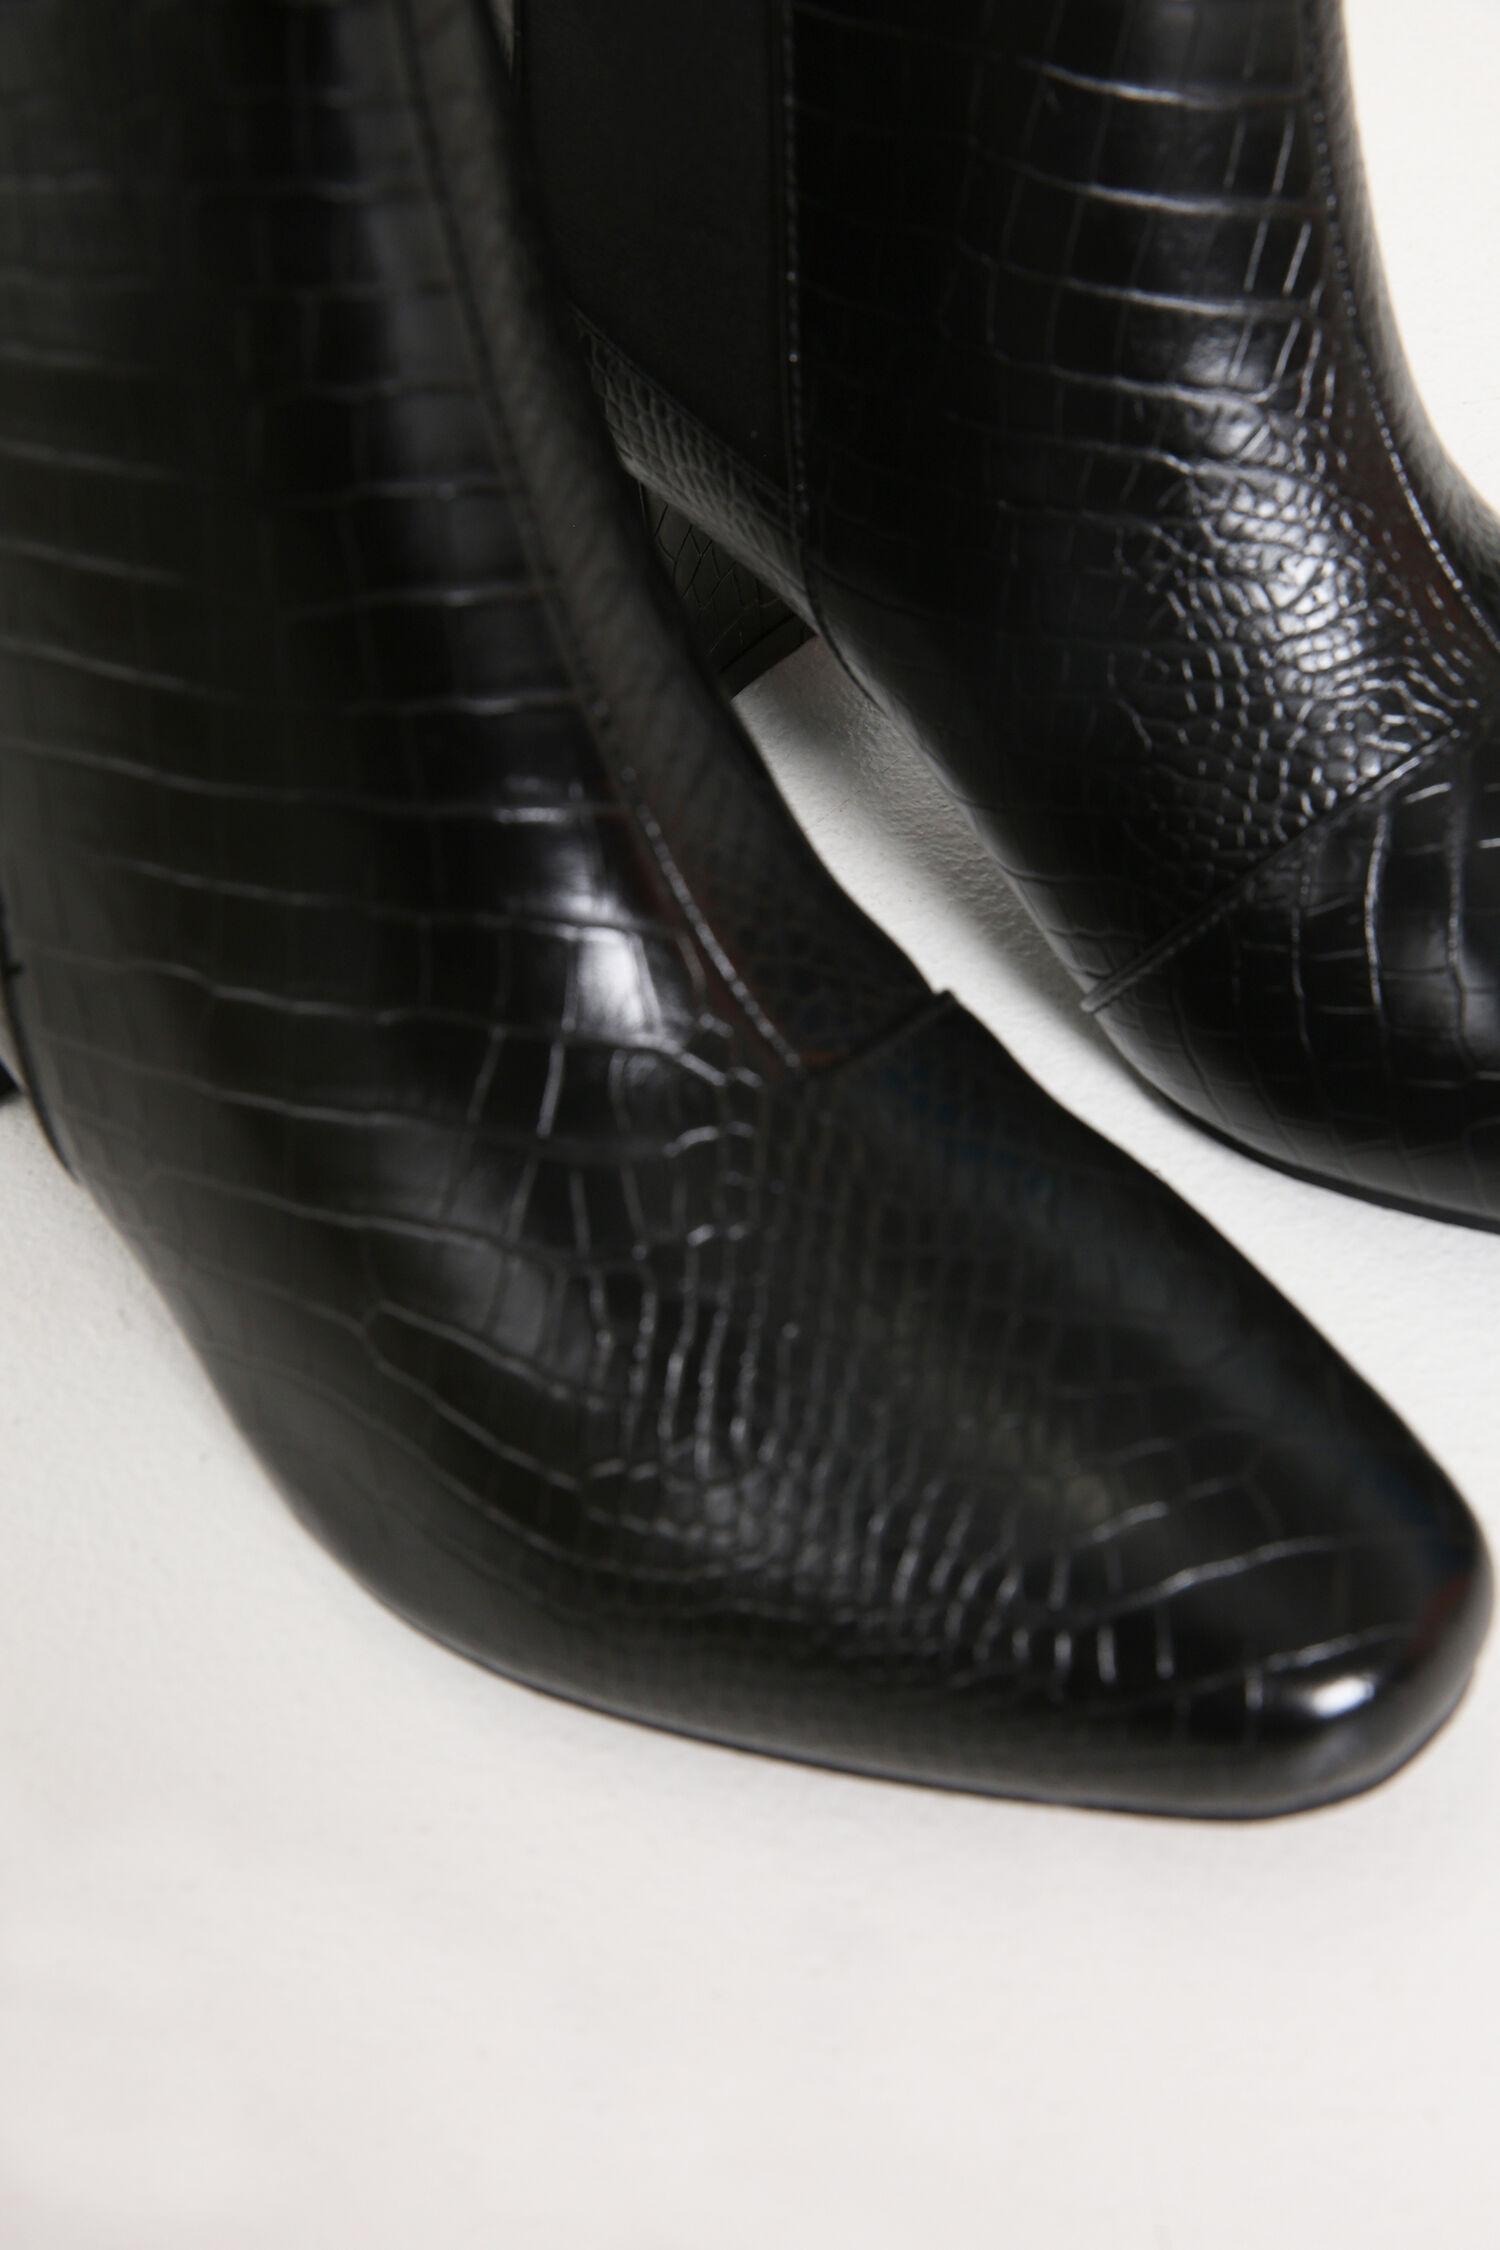 Schoenen voor brede voeten berry! magazine Van den Assem